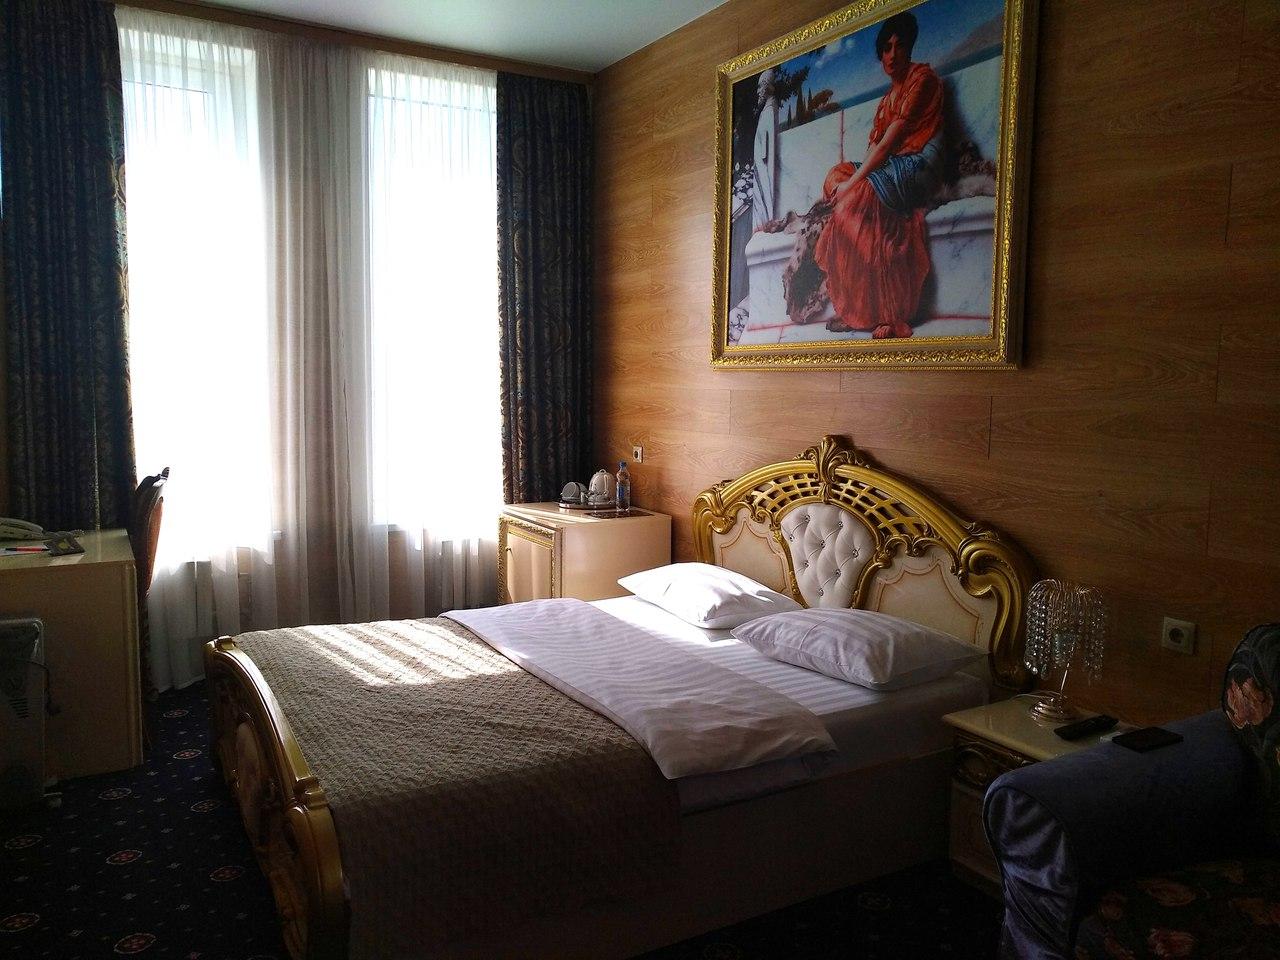 Гранд Отель Белорусская. Москва.